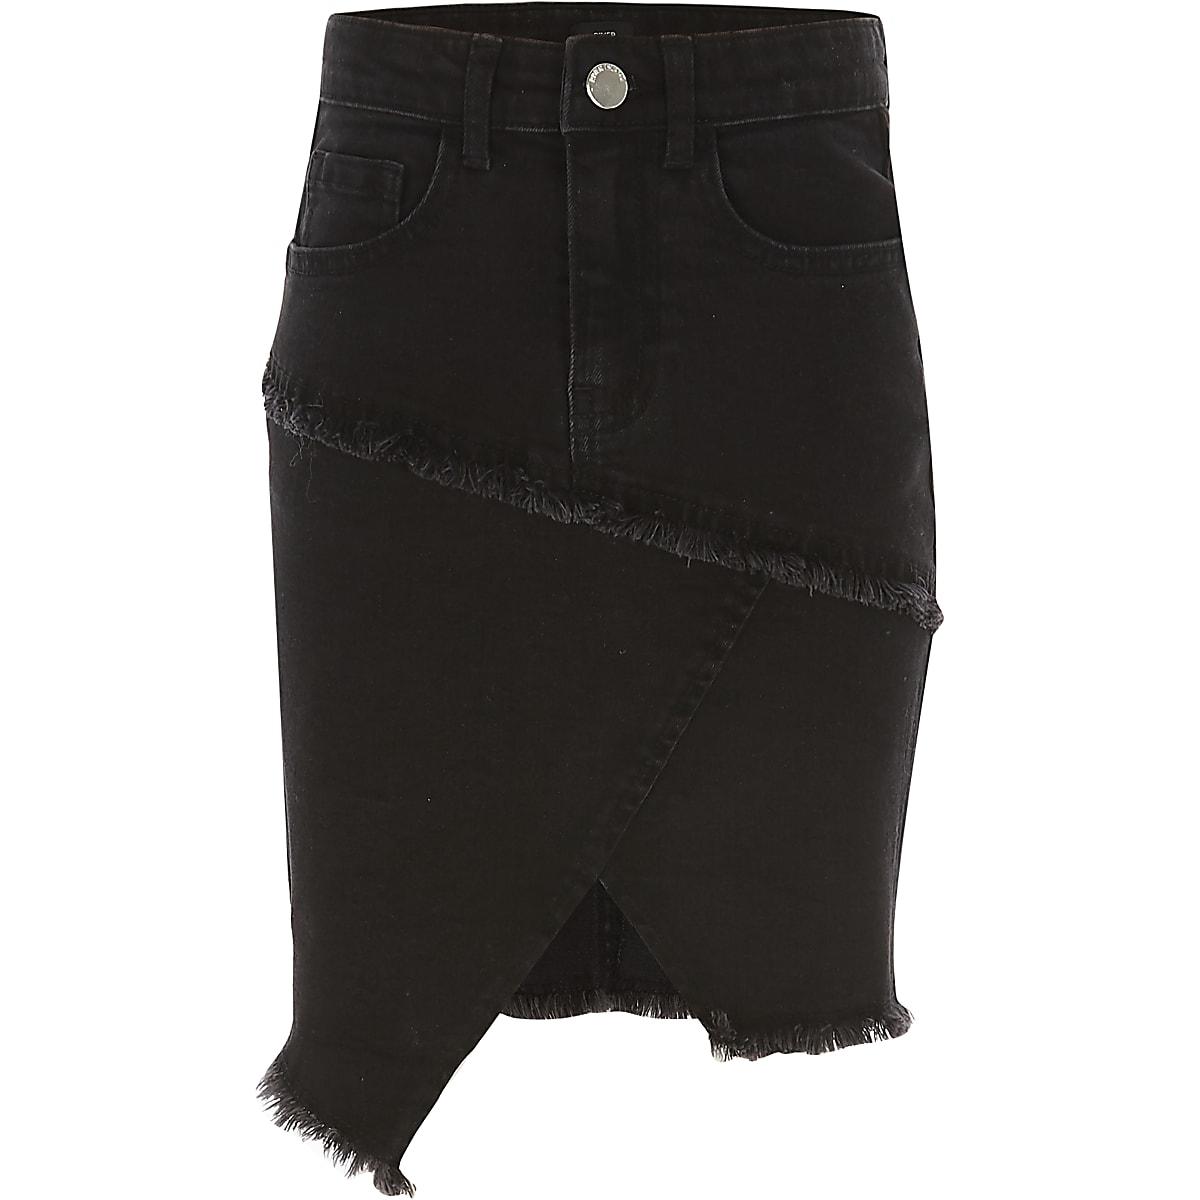 Girls black asymmetric denim tube skirt